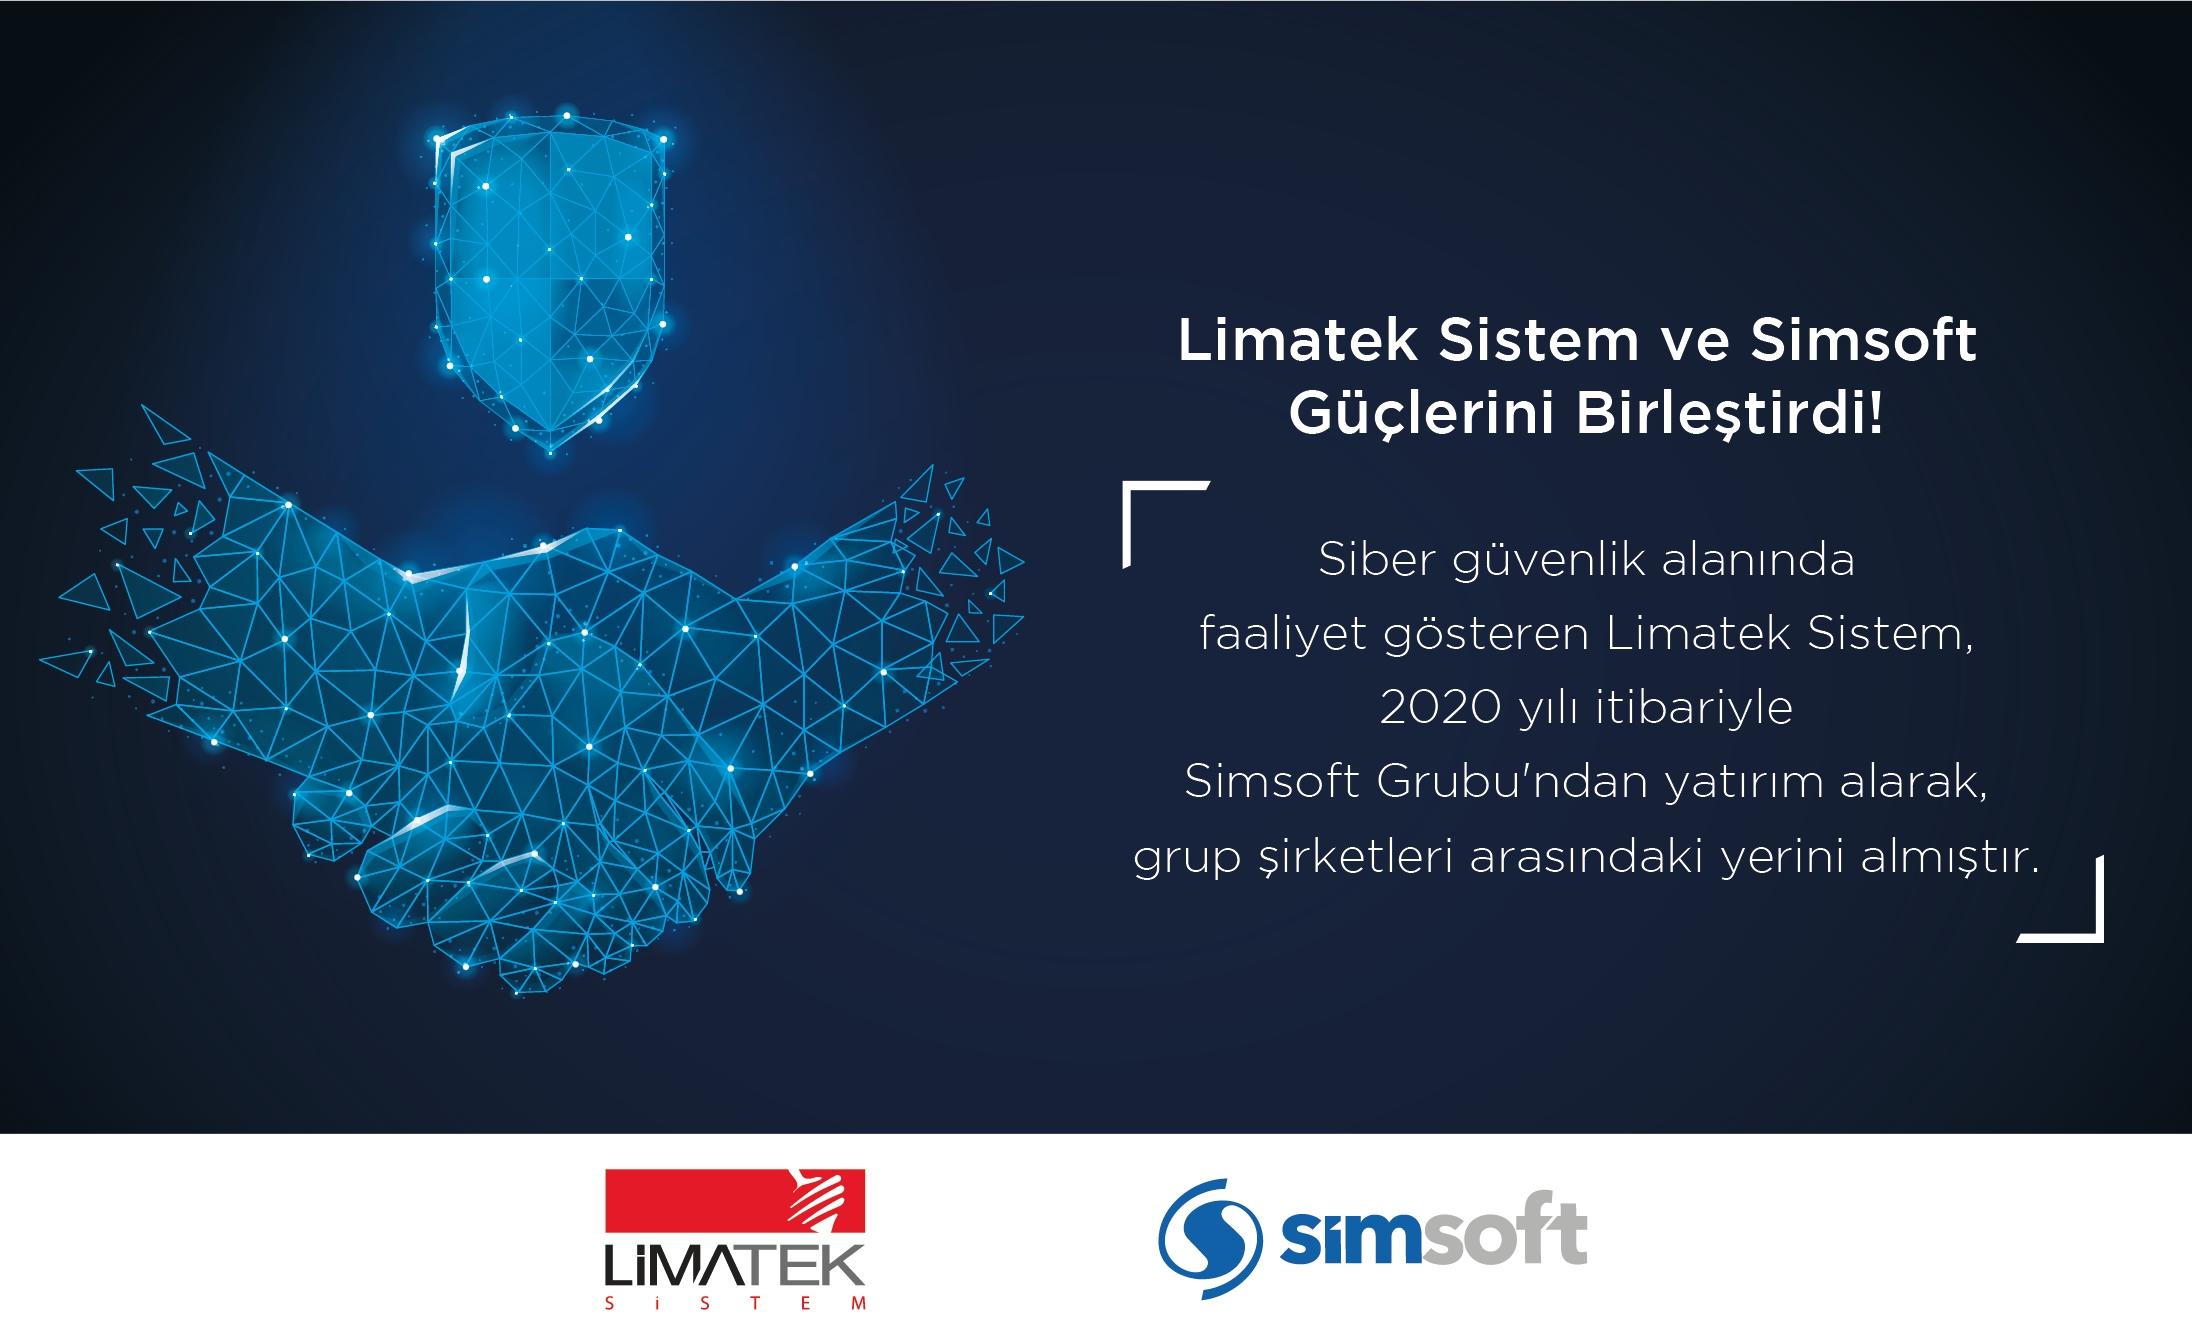 Limatek Sistem ve Simsoft Güçlerini Birleştirdi!